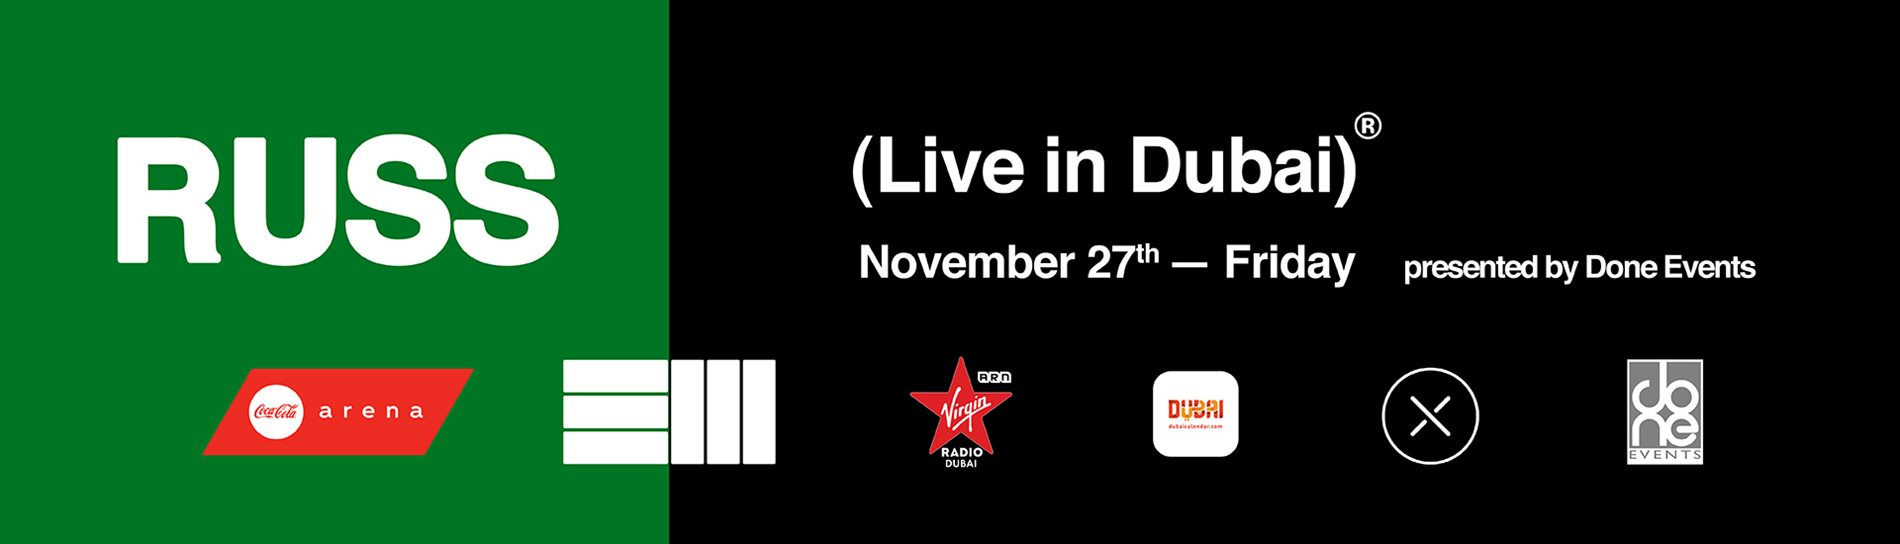 RUSS LIVE IN DUBAI